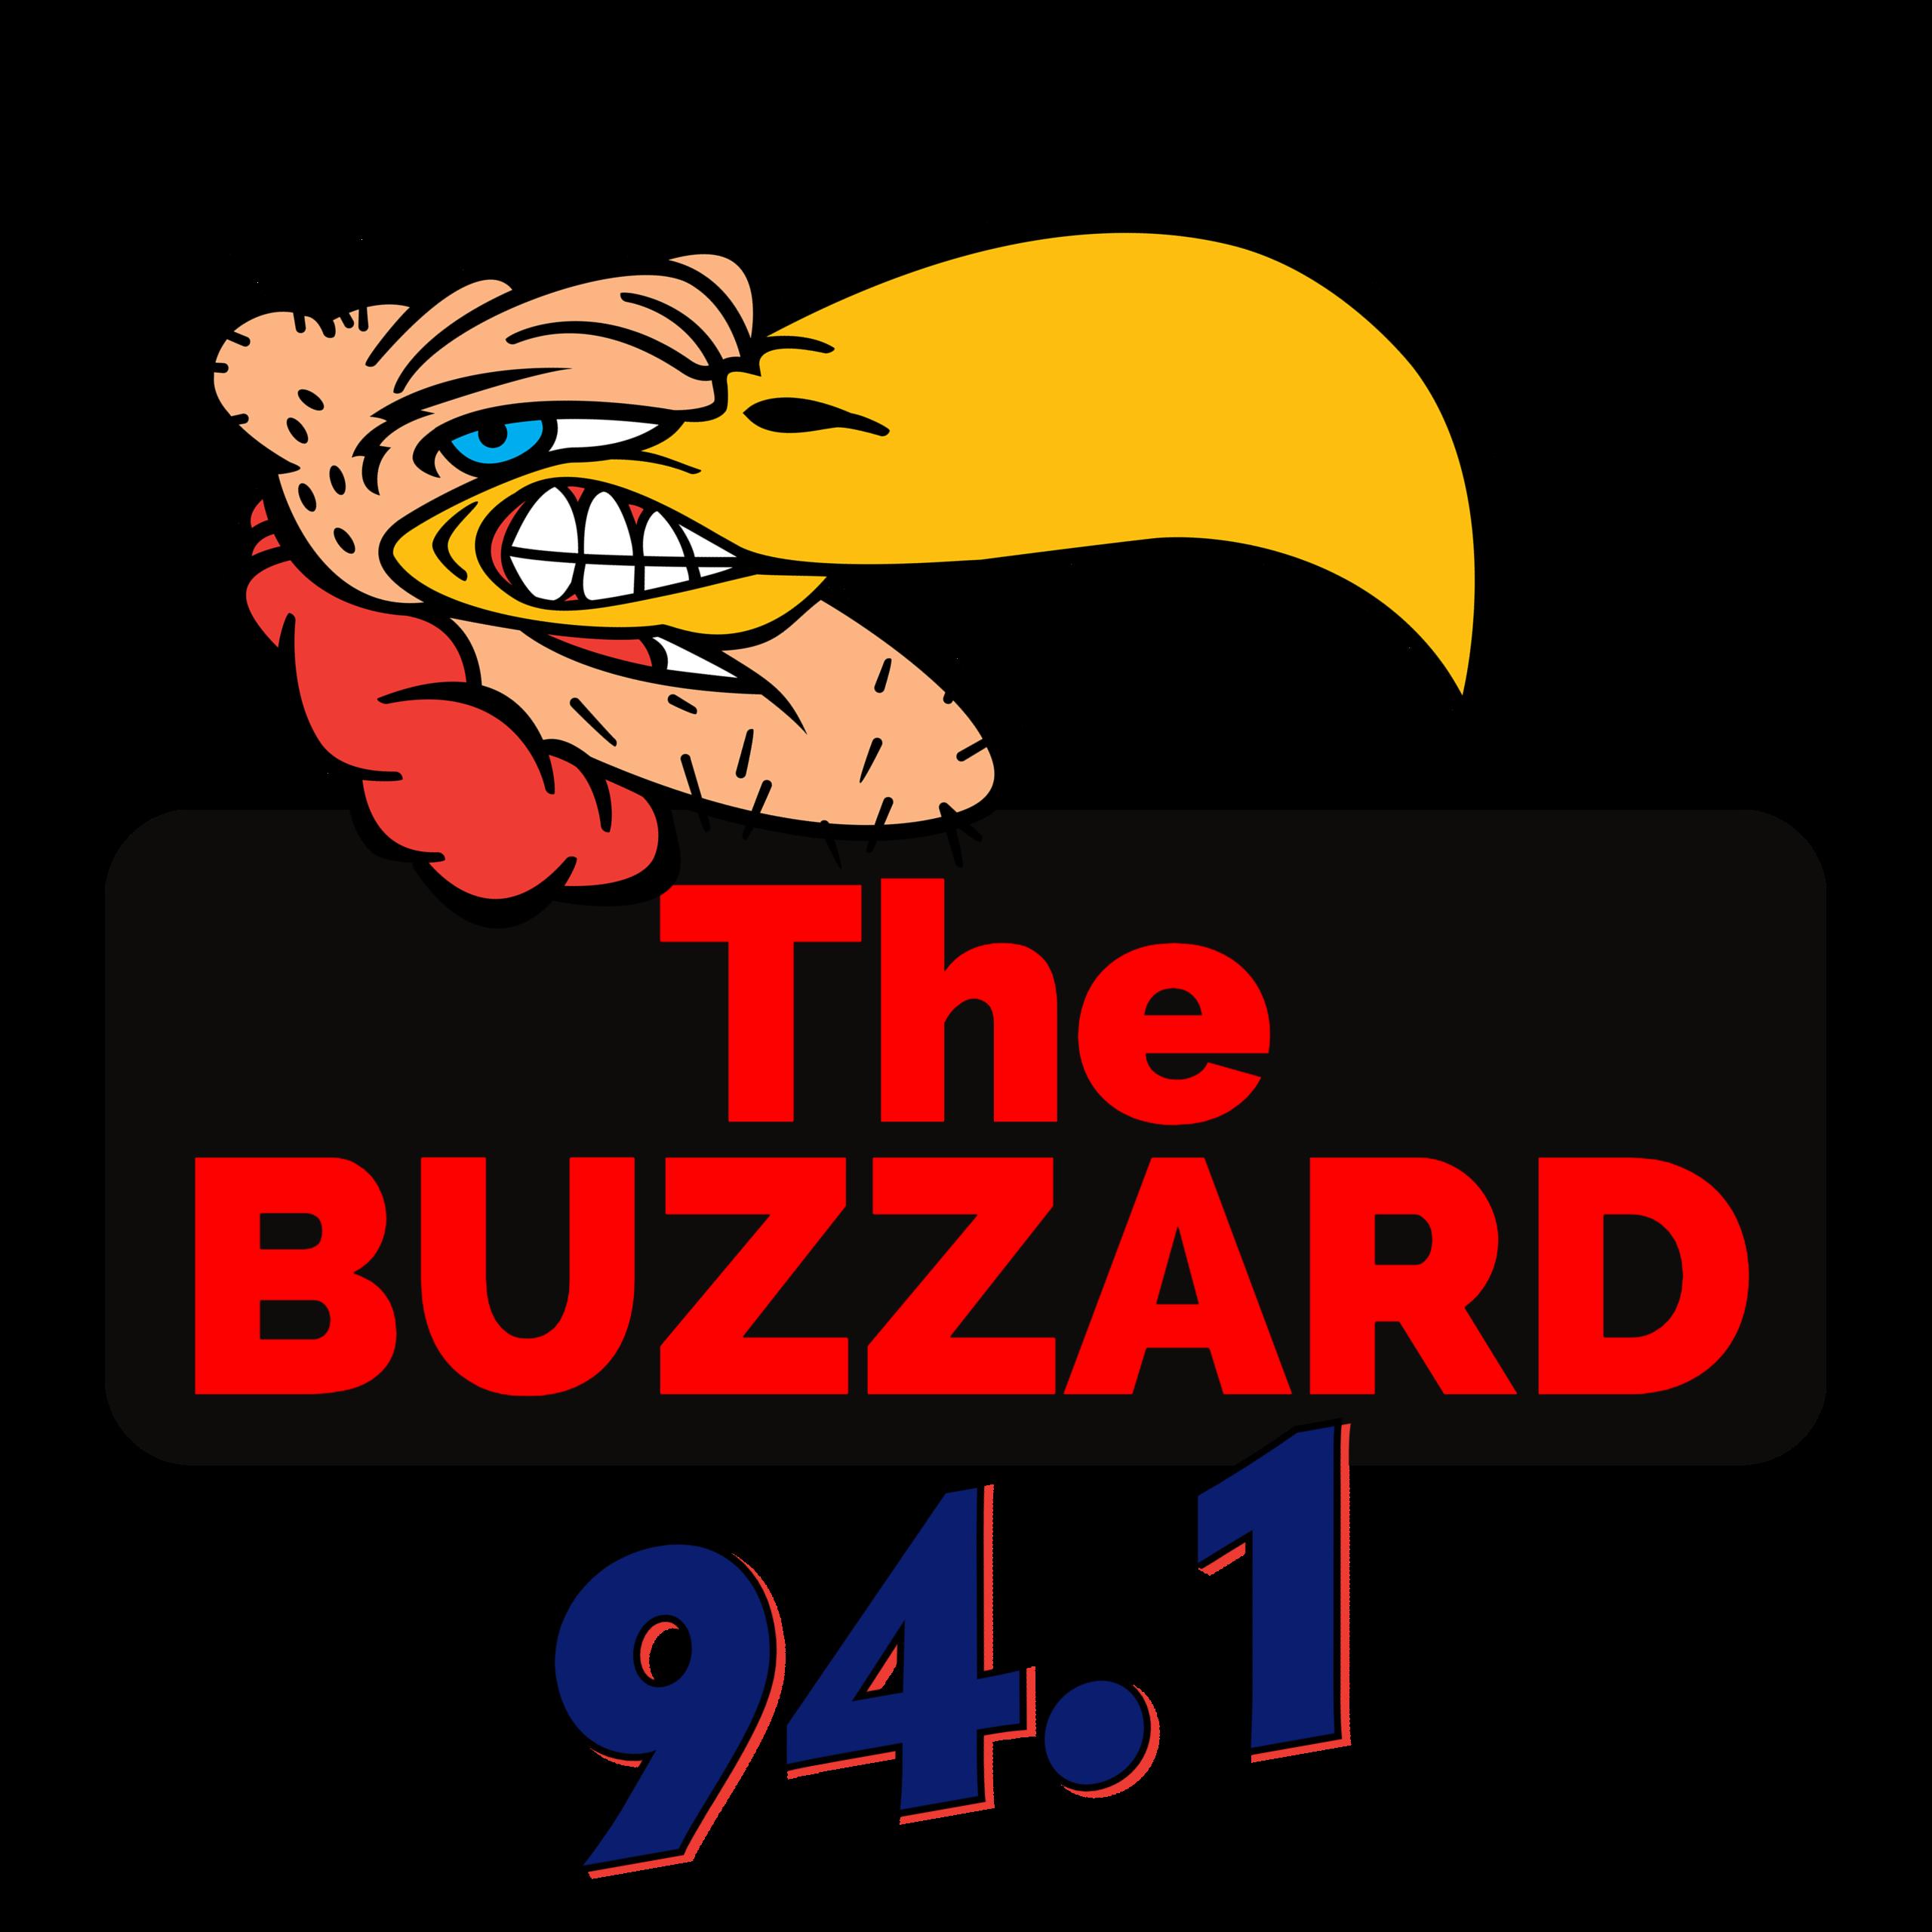 94.1 The Buzzard